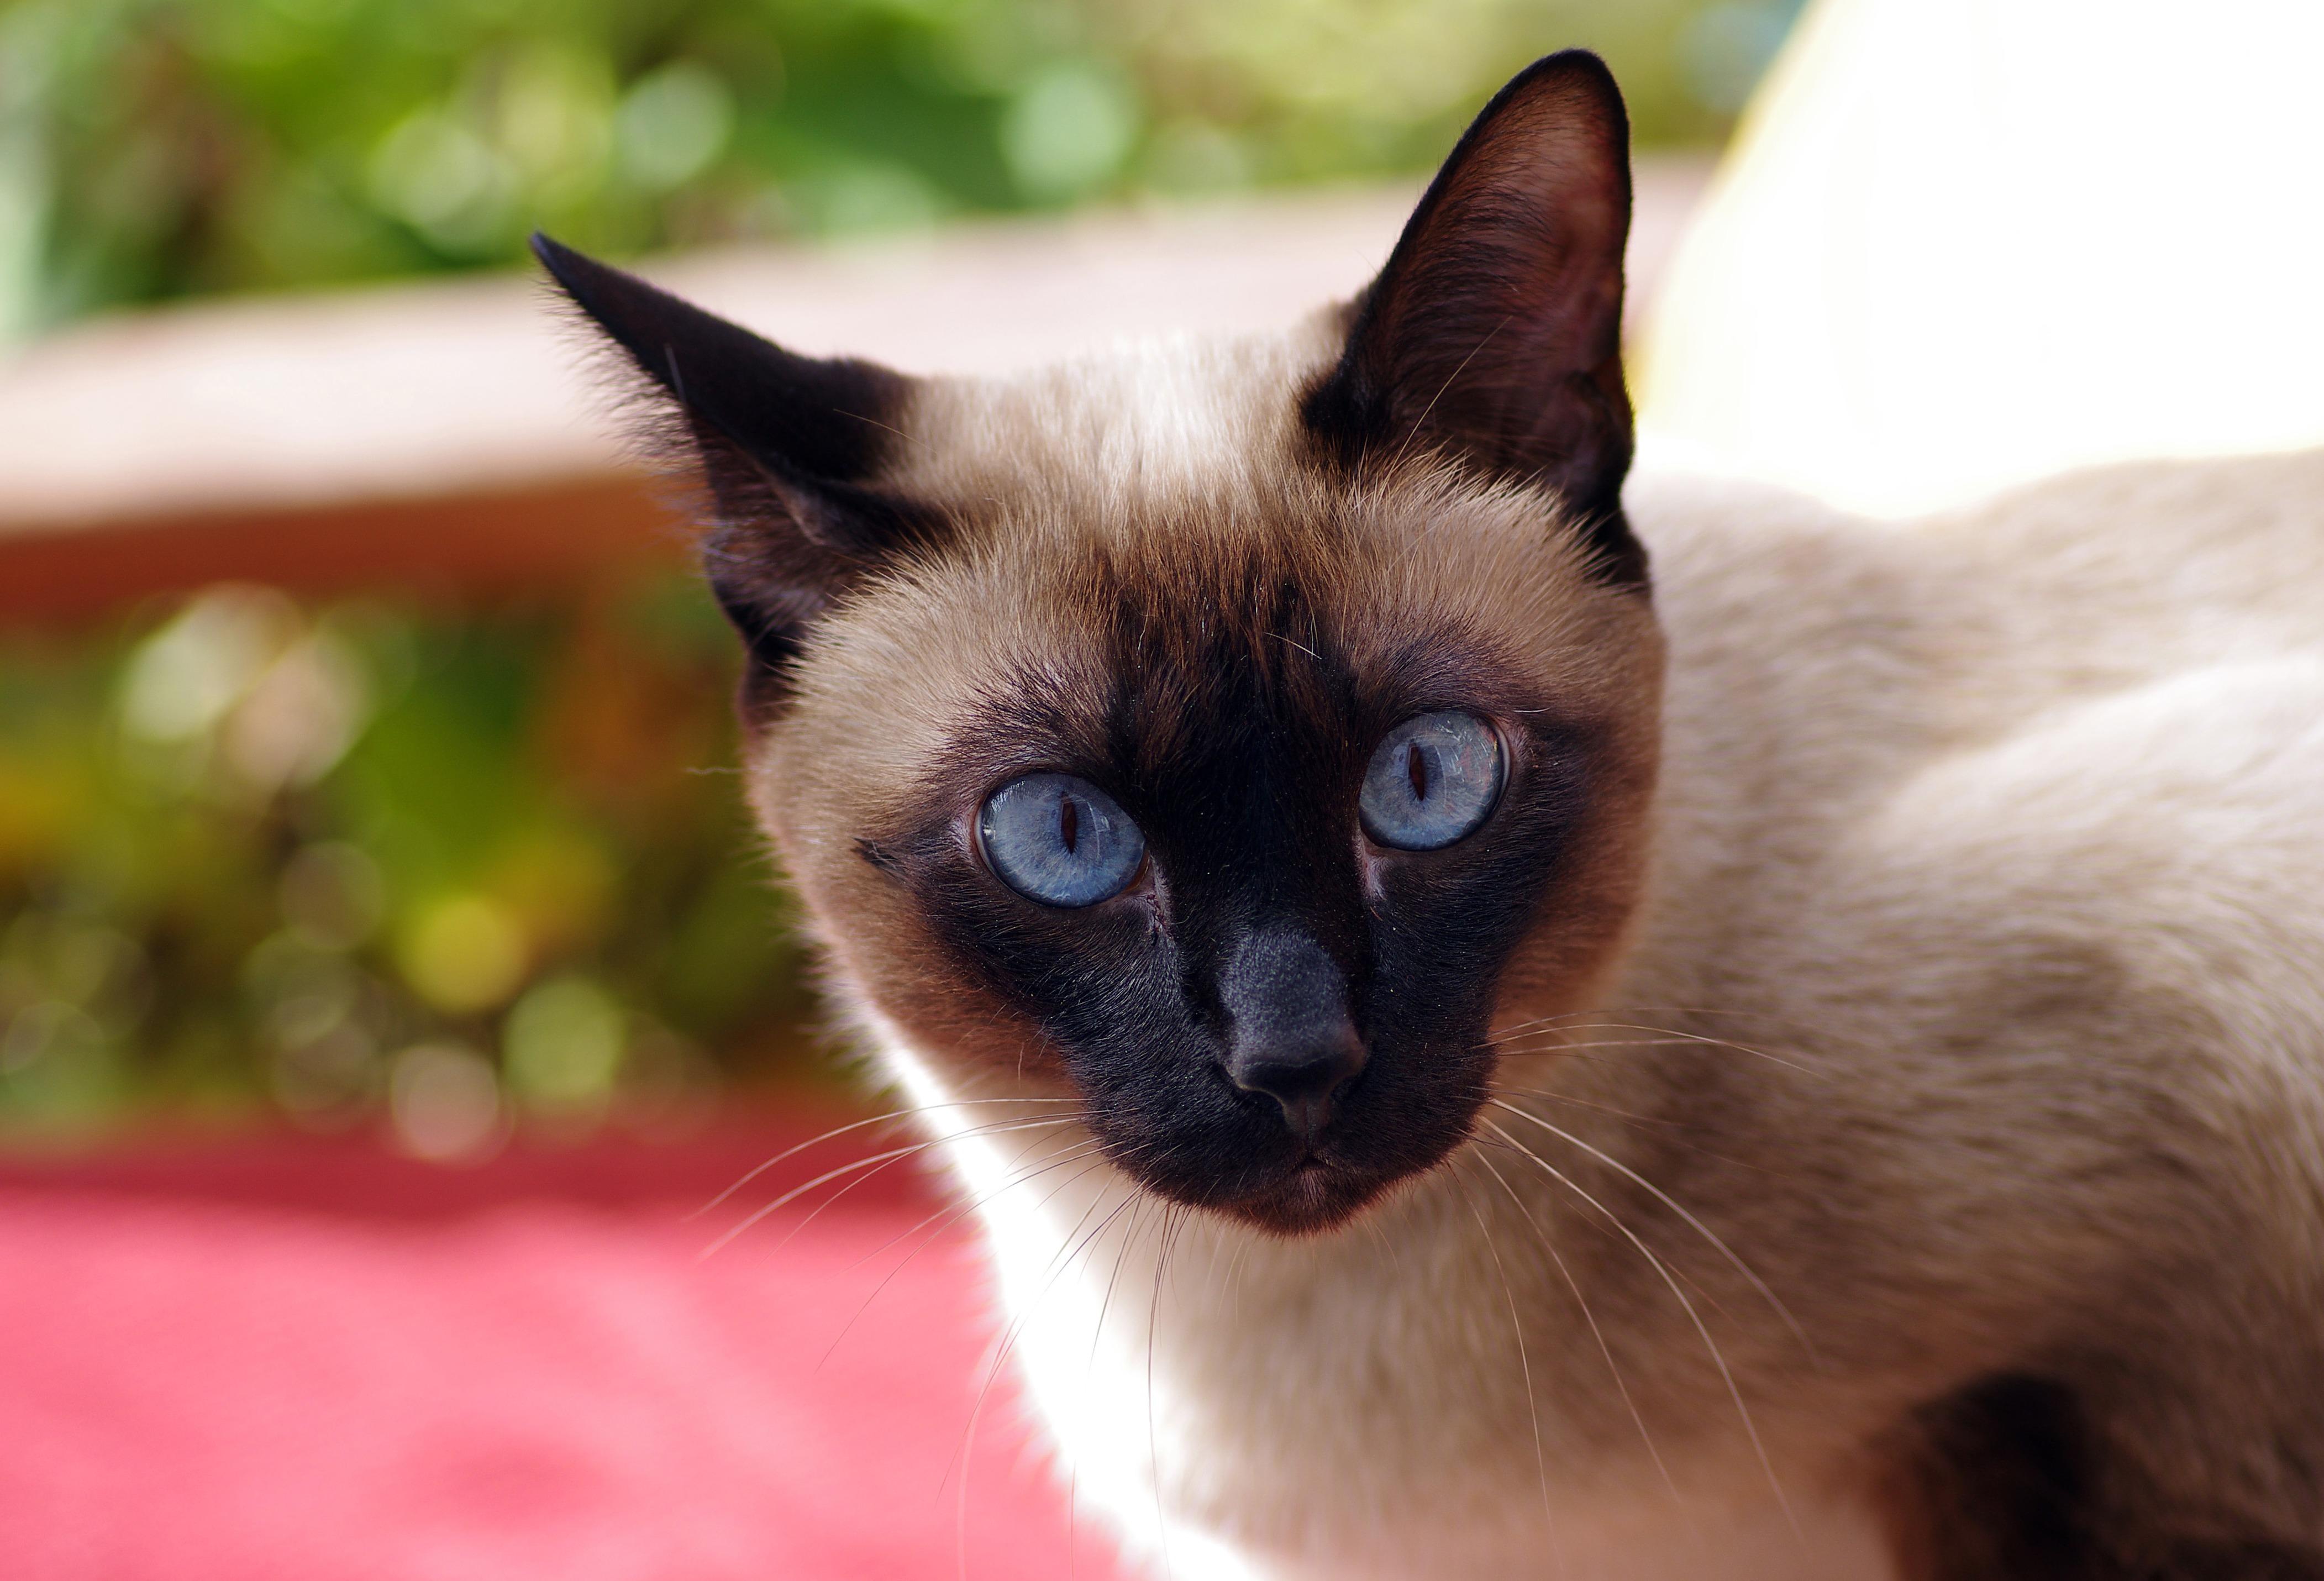 брюнетка картинки кошек красивые сиамские кошки определяет главного